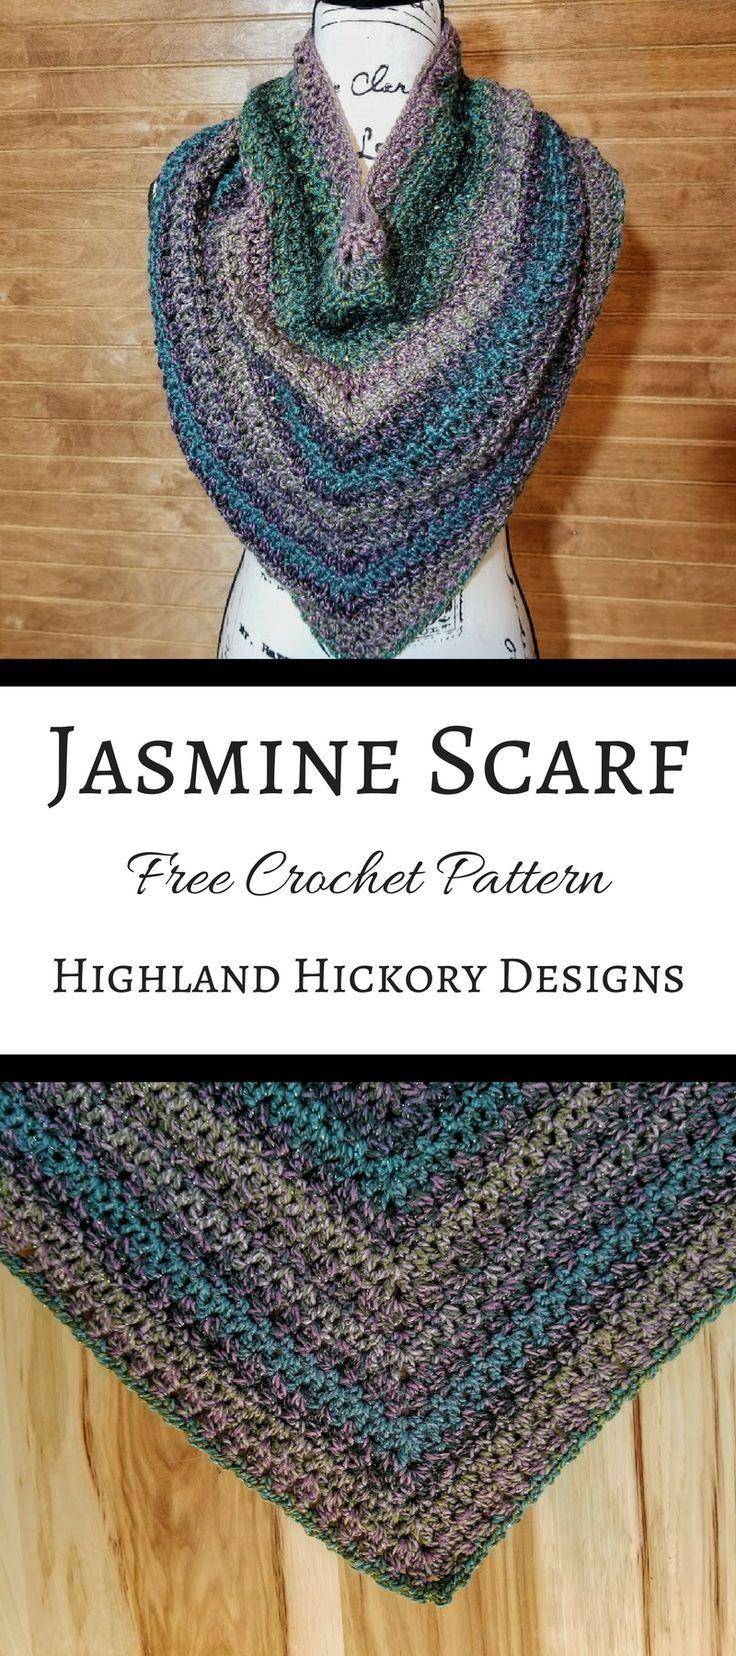 Jasmine Scarf | Pinterest | Strickmuster anleitung, Stricken häkeln ...